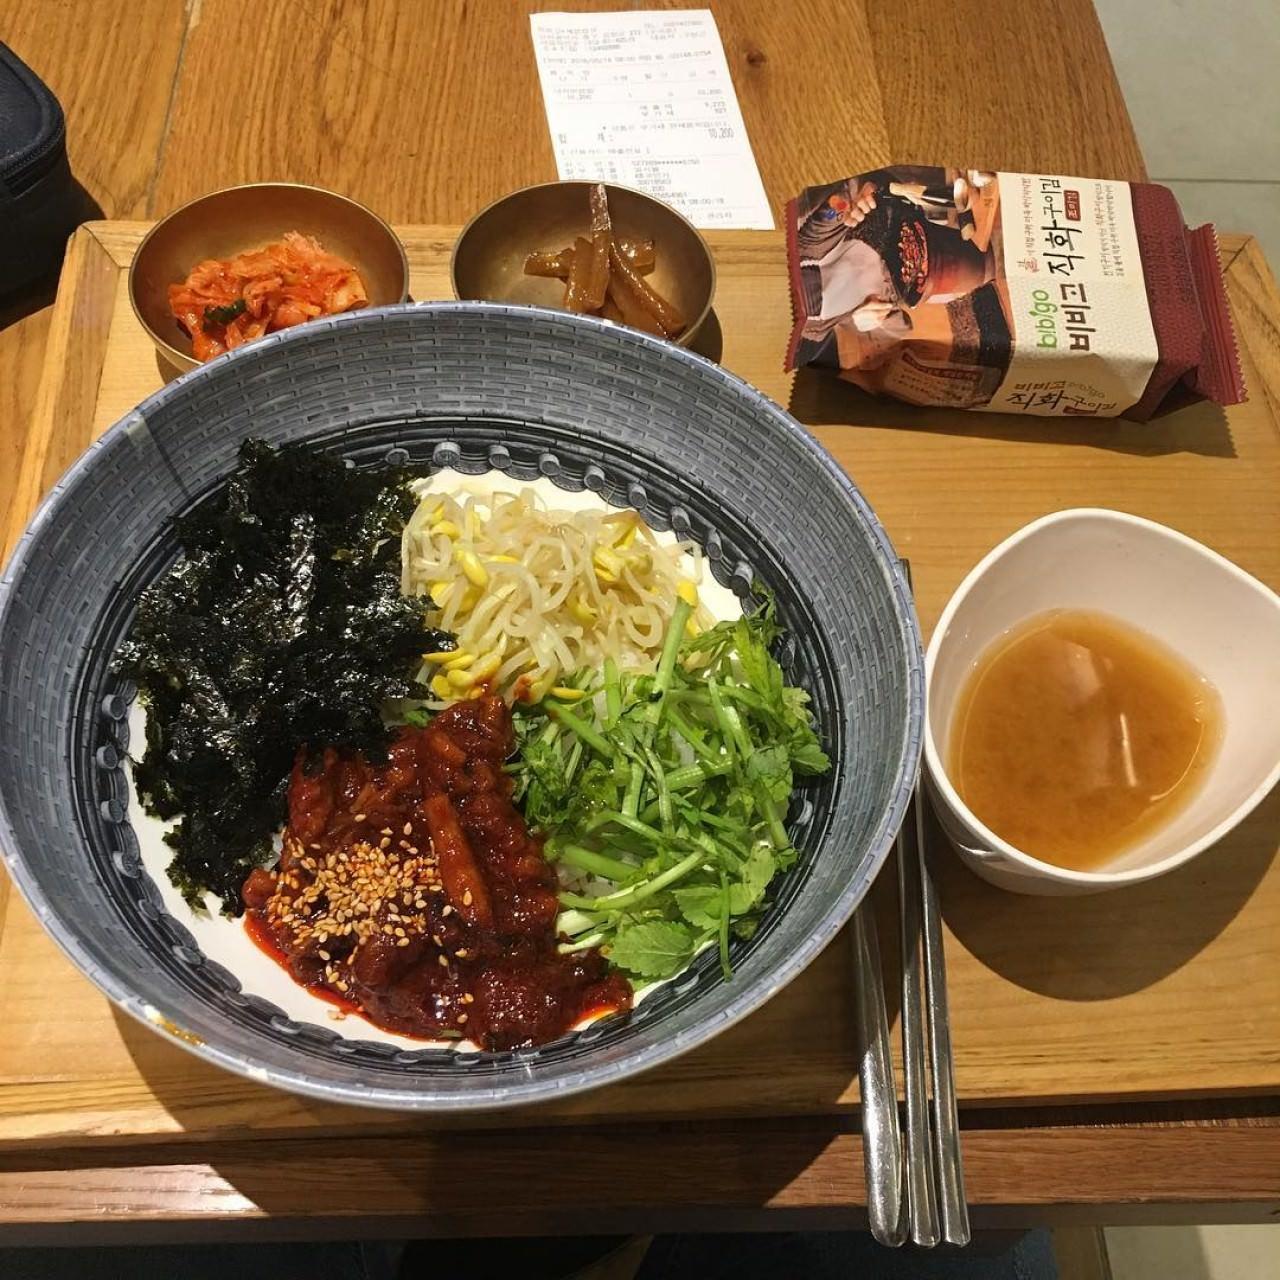 連韓國人也很喜愛Bibigo的拌飯。(IG@daily_foodinsta)